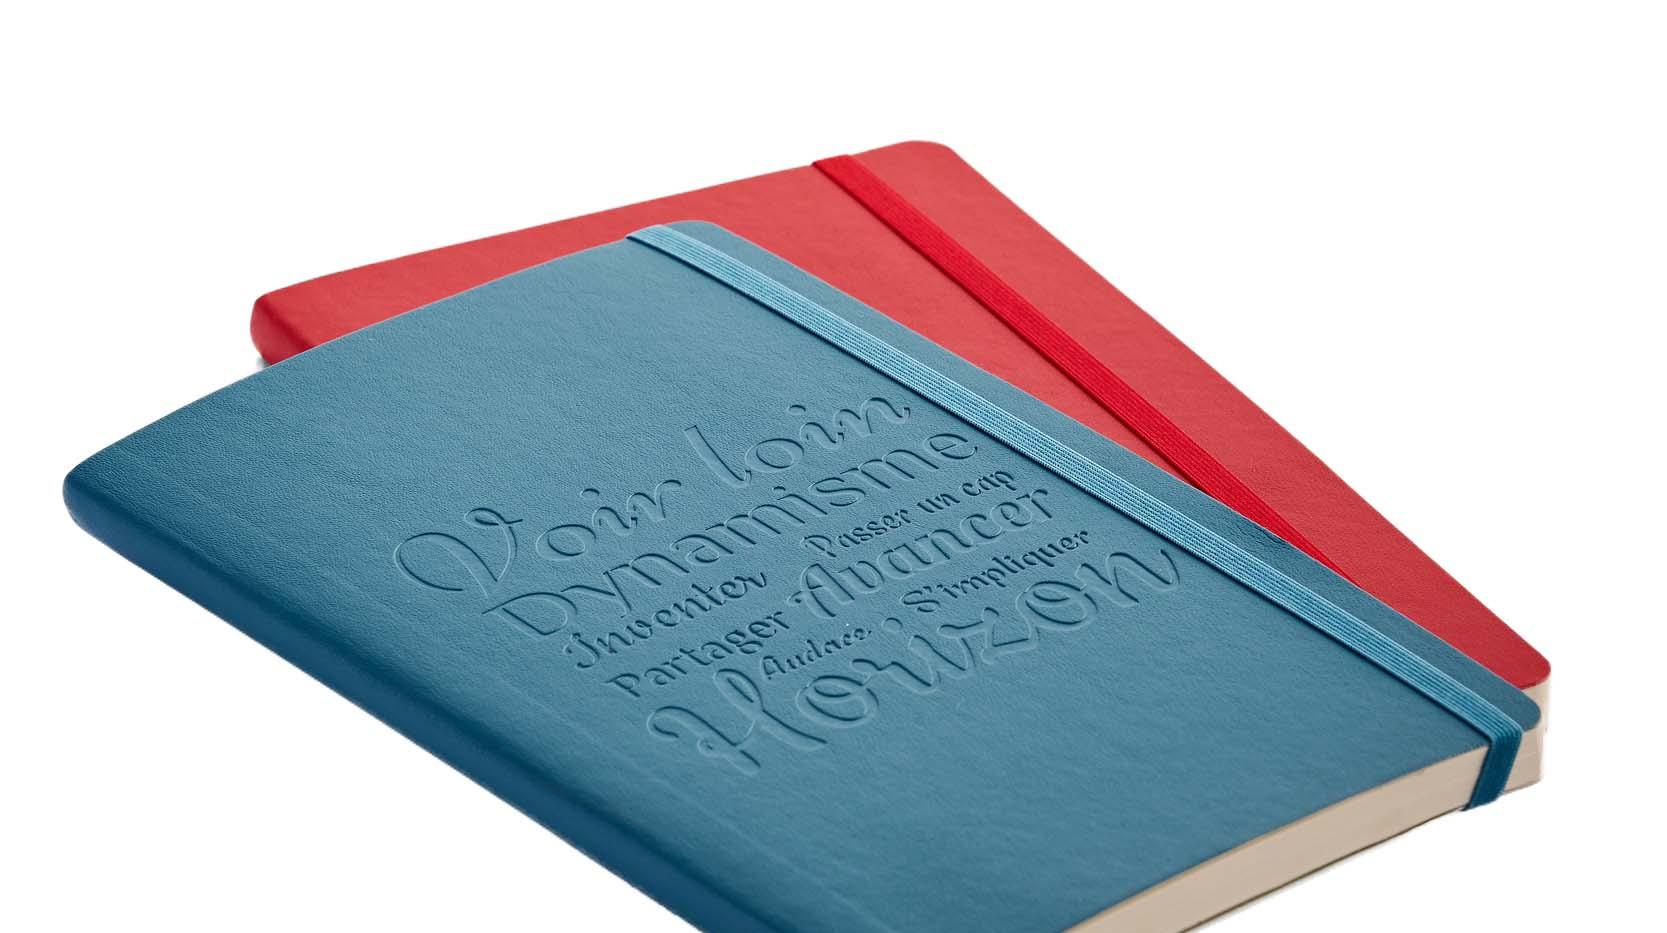 Blindprägung zur Veredelung der Notizbücher - Notizgold